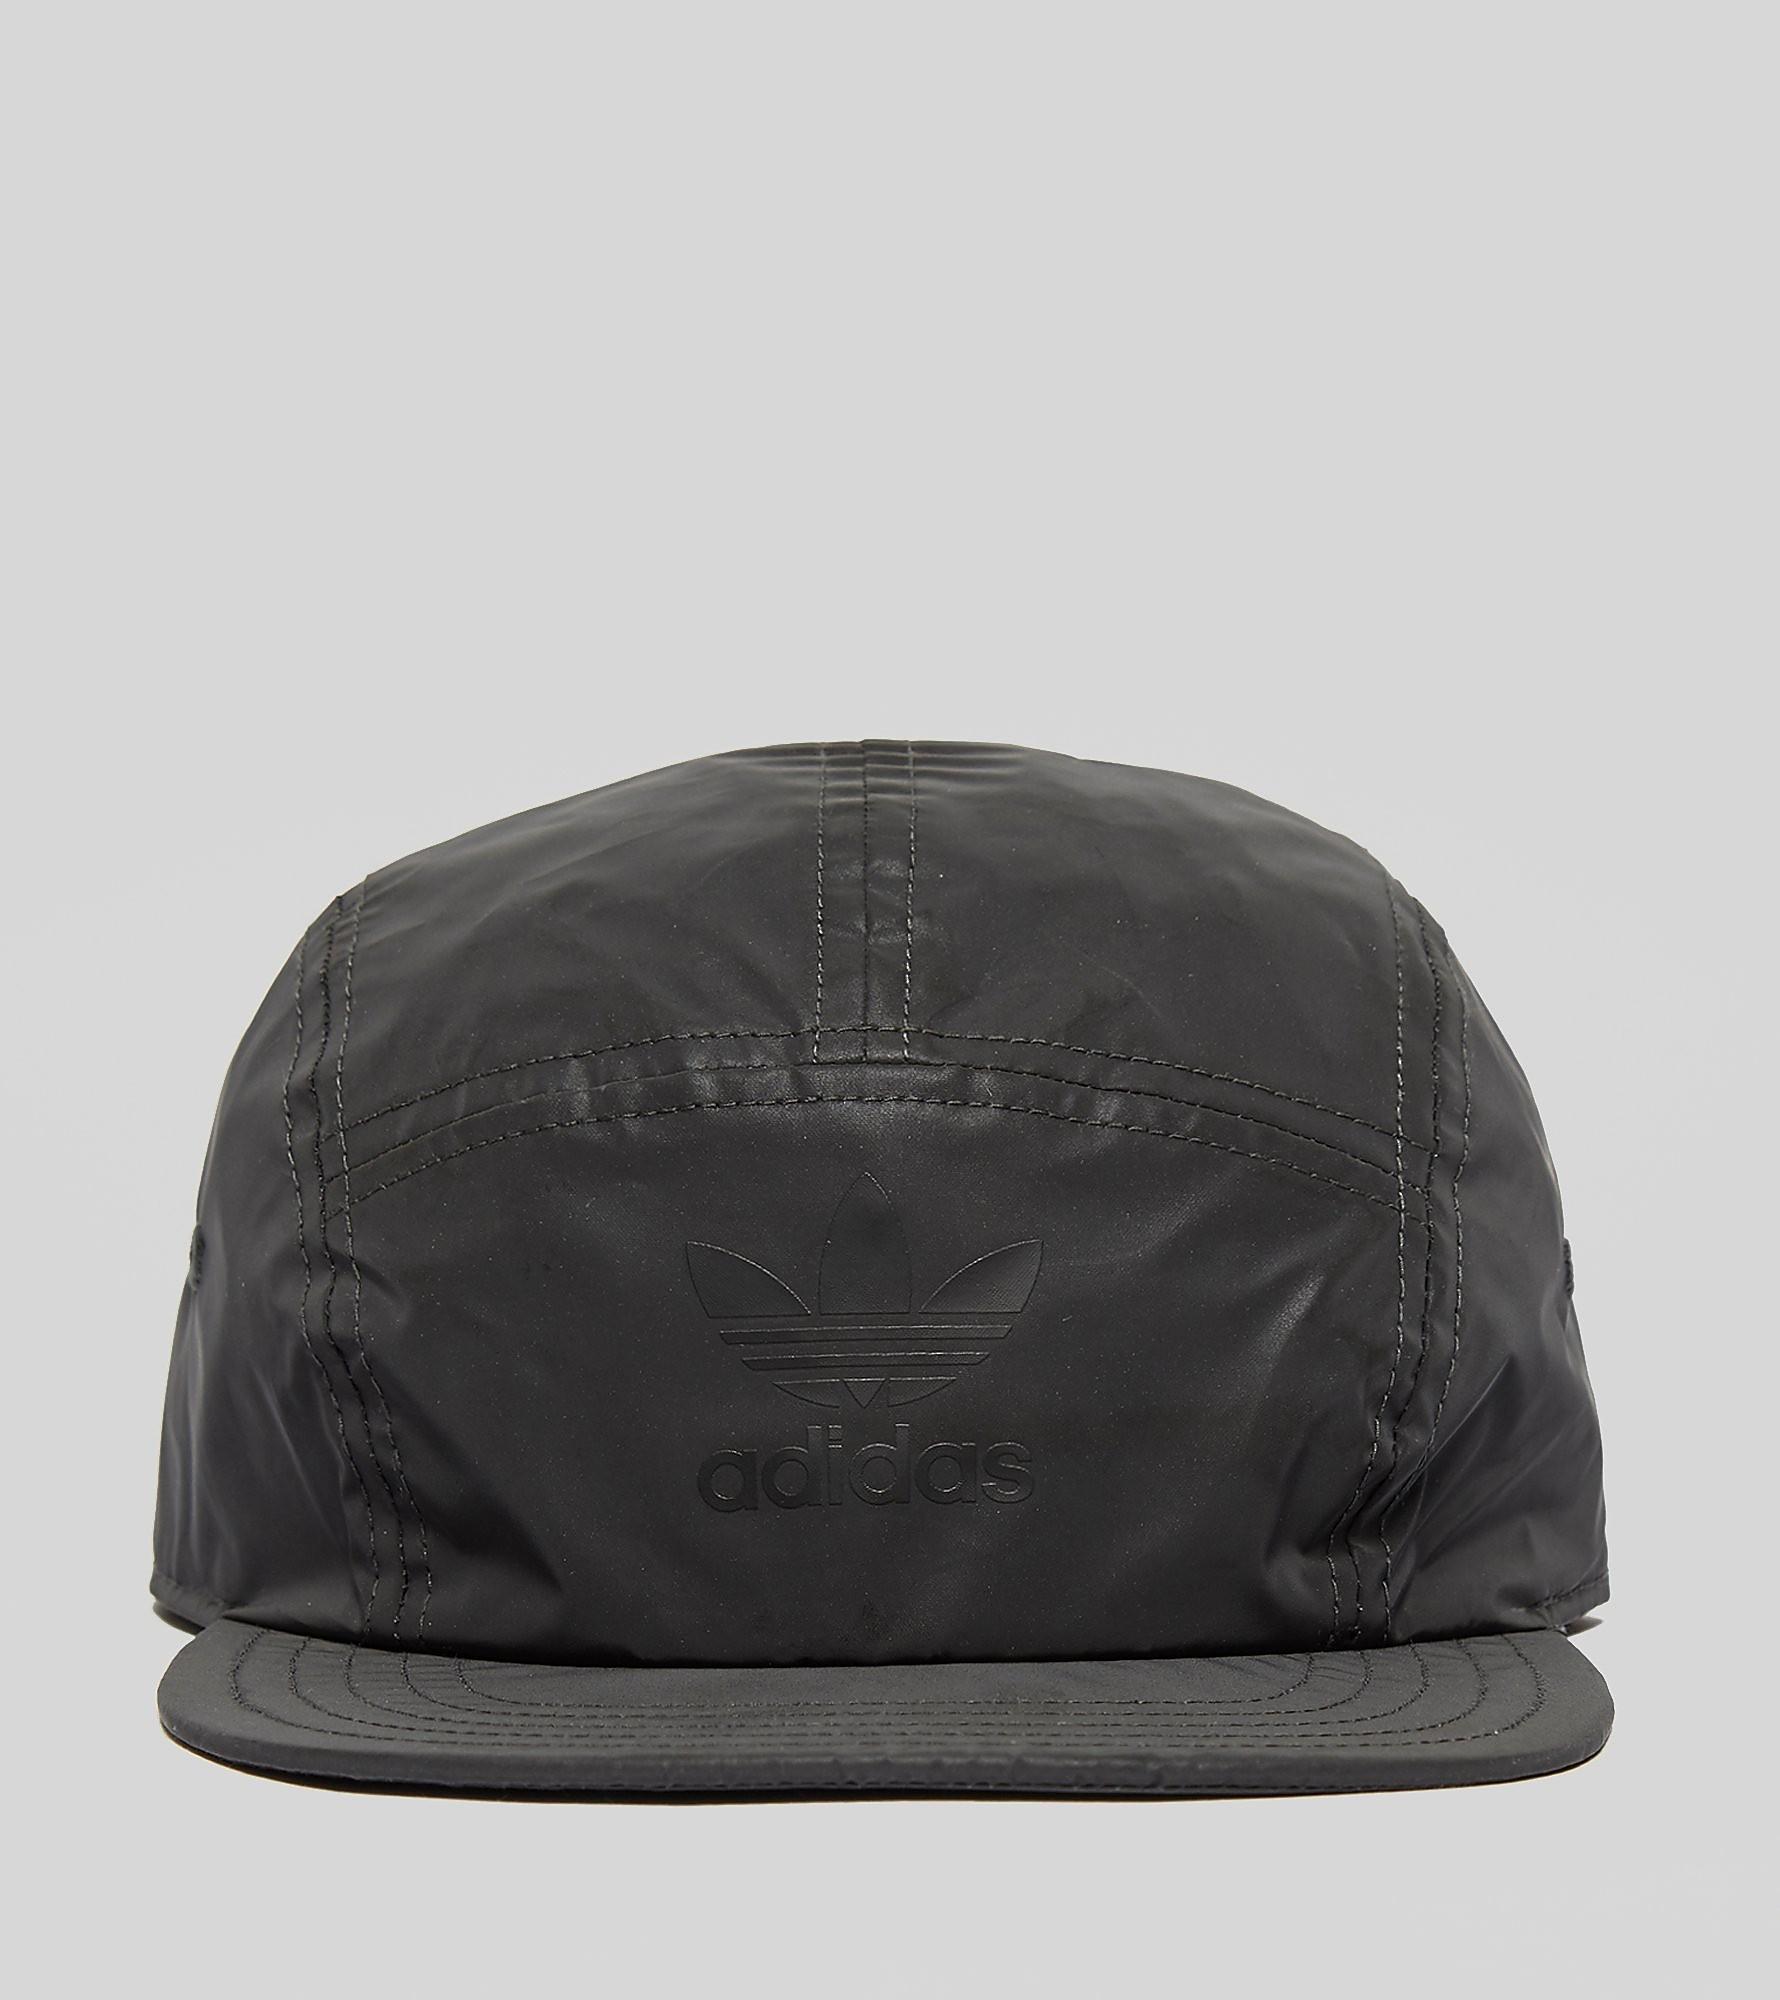 adidas Originals 5 Panel Reflective Cap